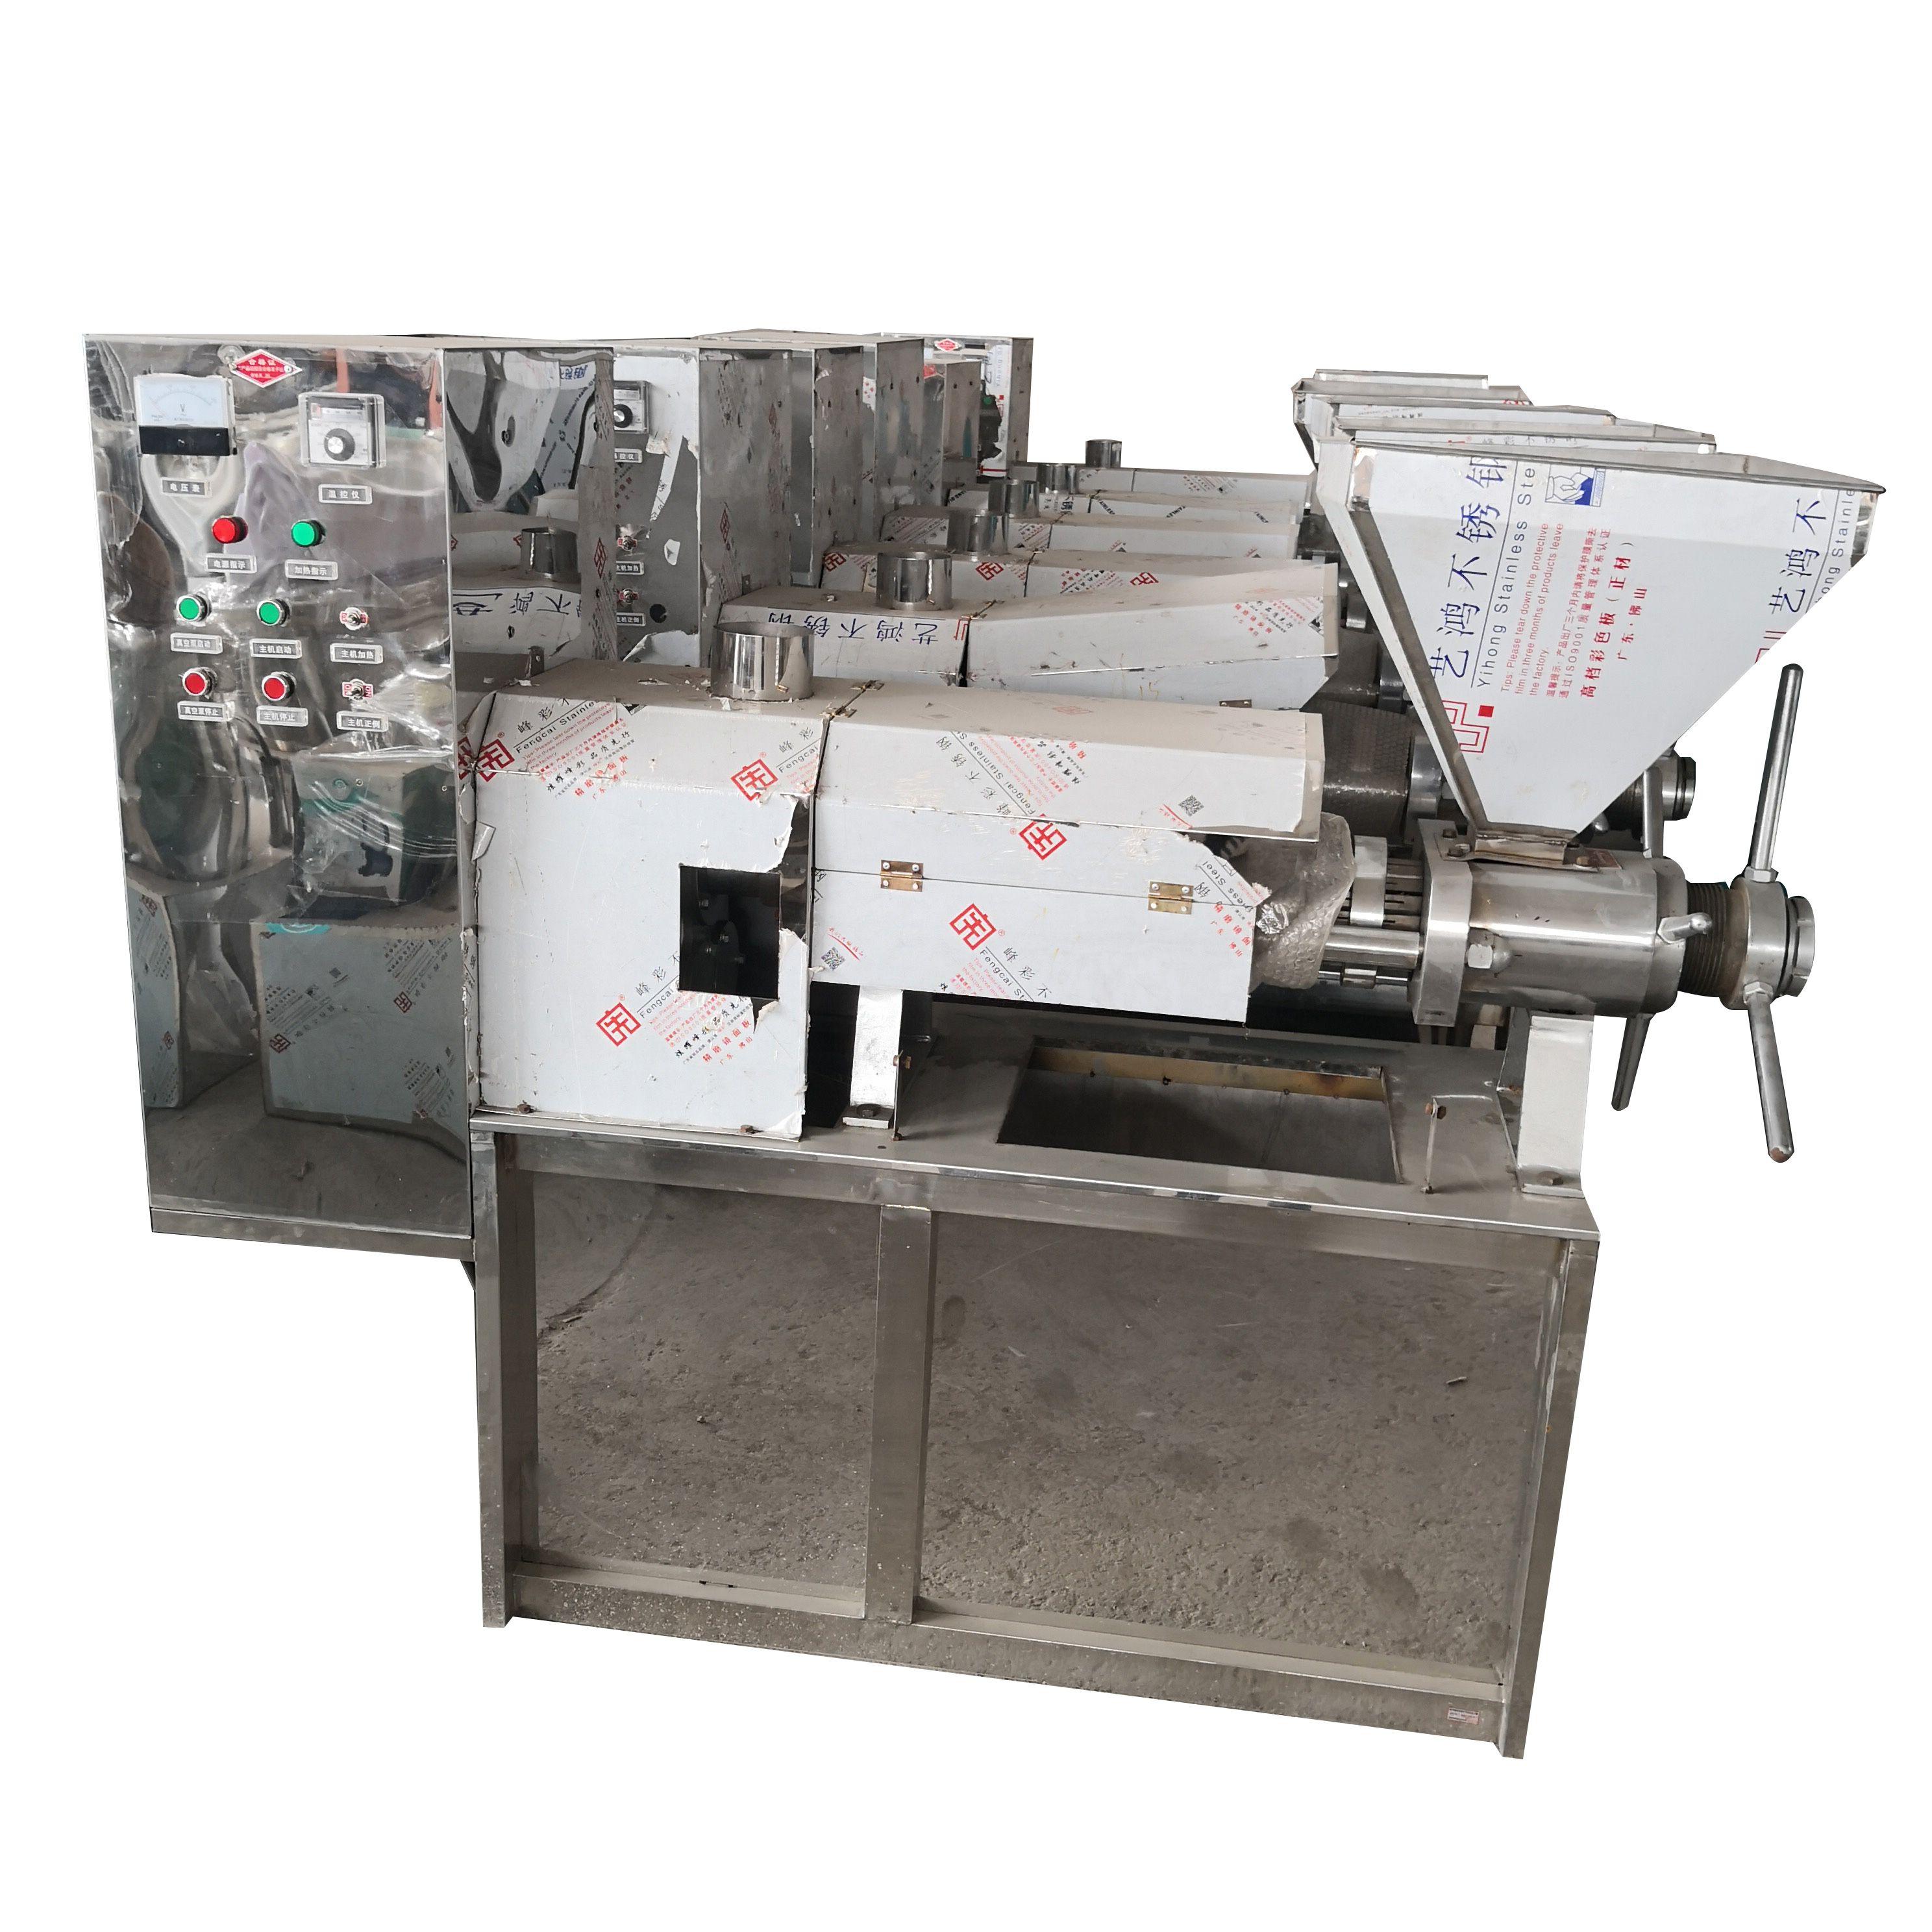 125型冷榨机 125型冷榨机定制 125型冷榨机多少钱 螺旋榨油机多少钱 供应螺旋榨油机